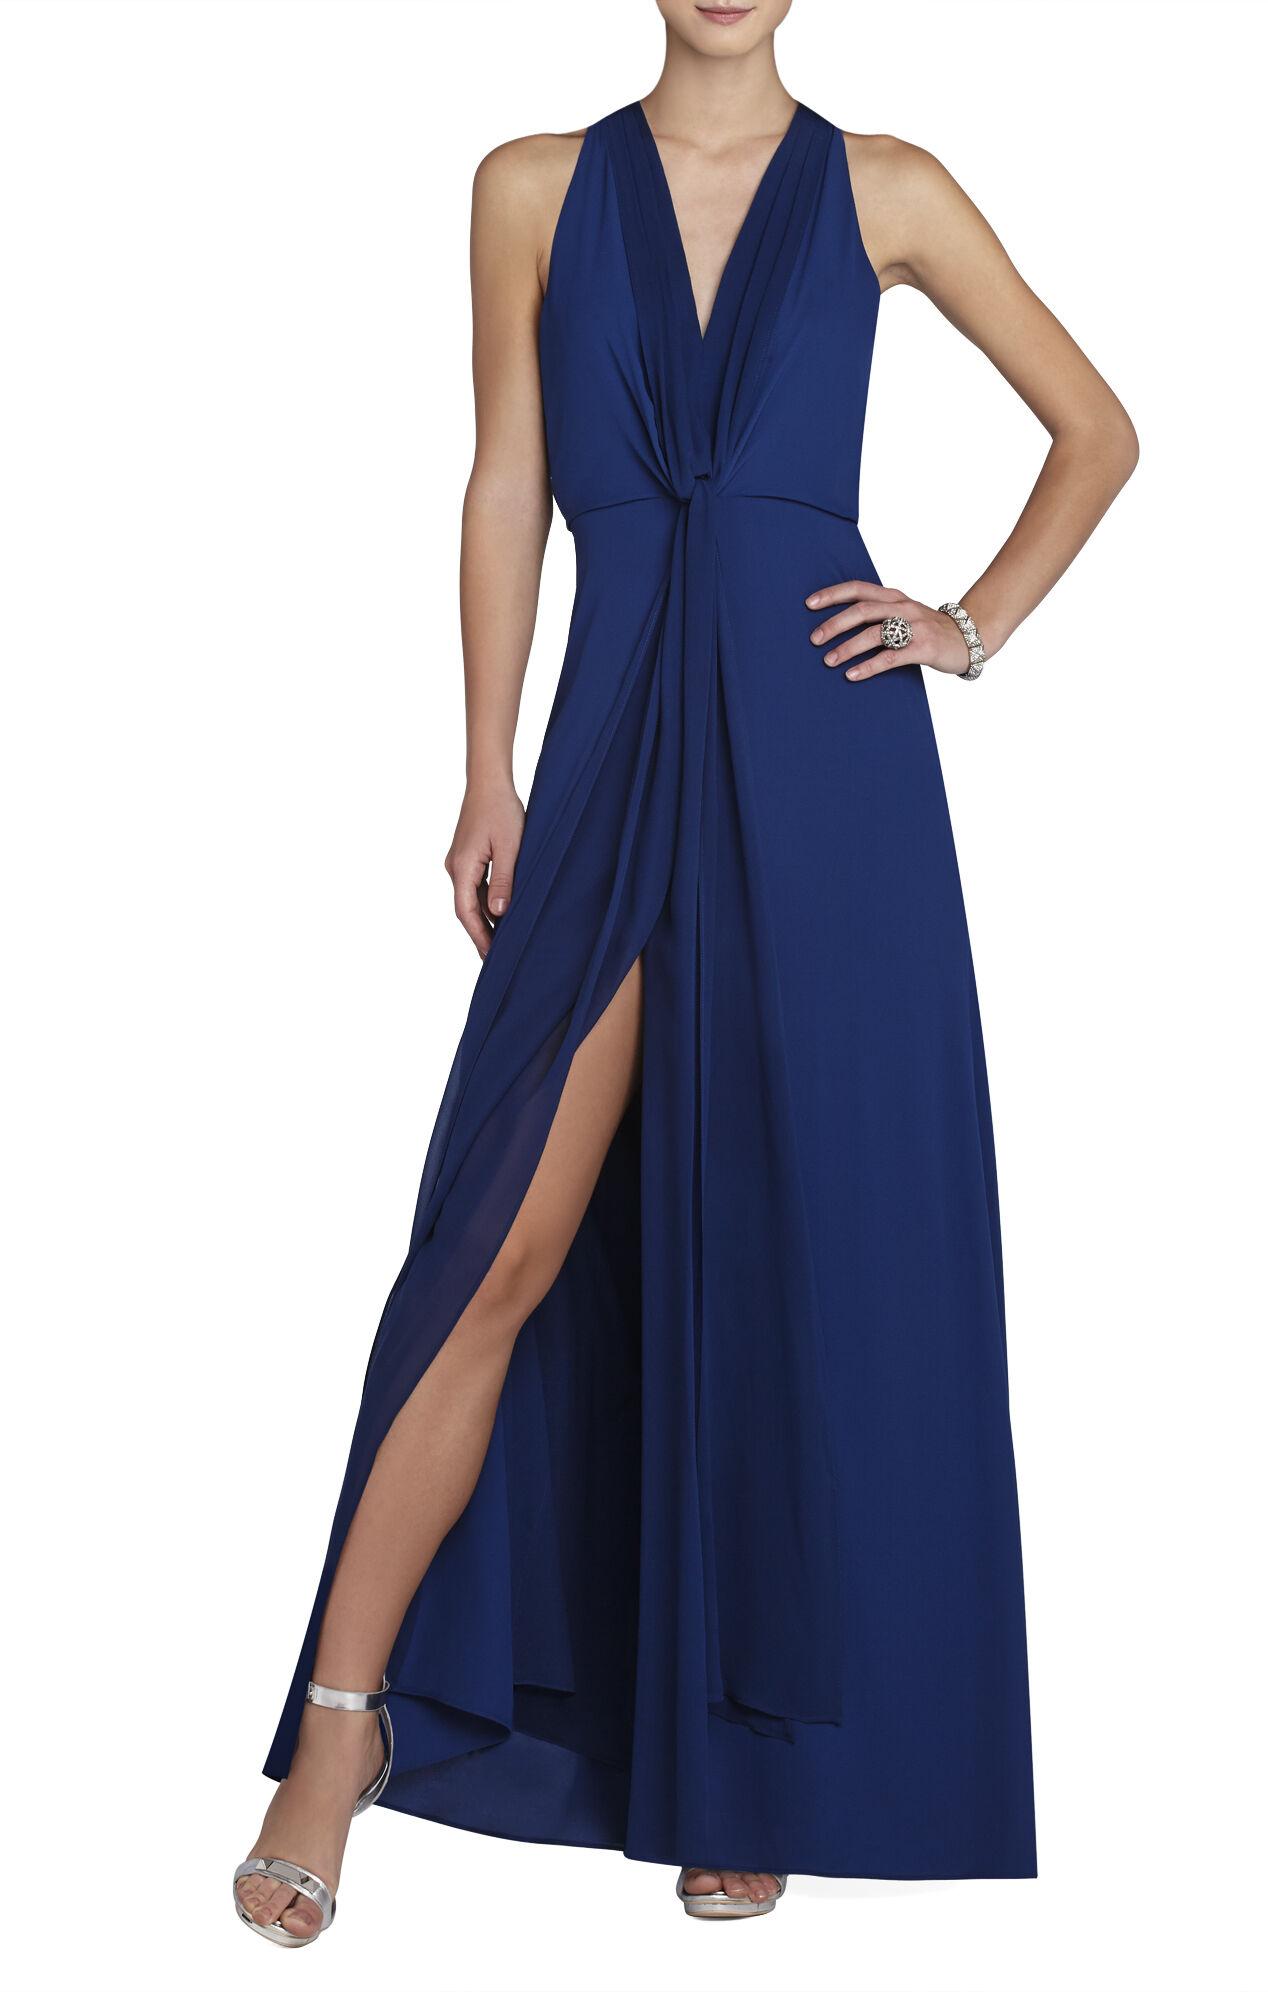 Mara Halter Evening Dress